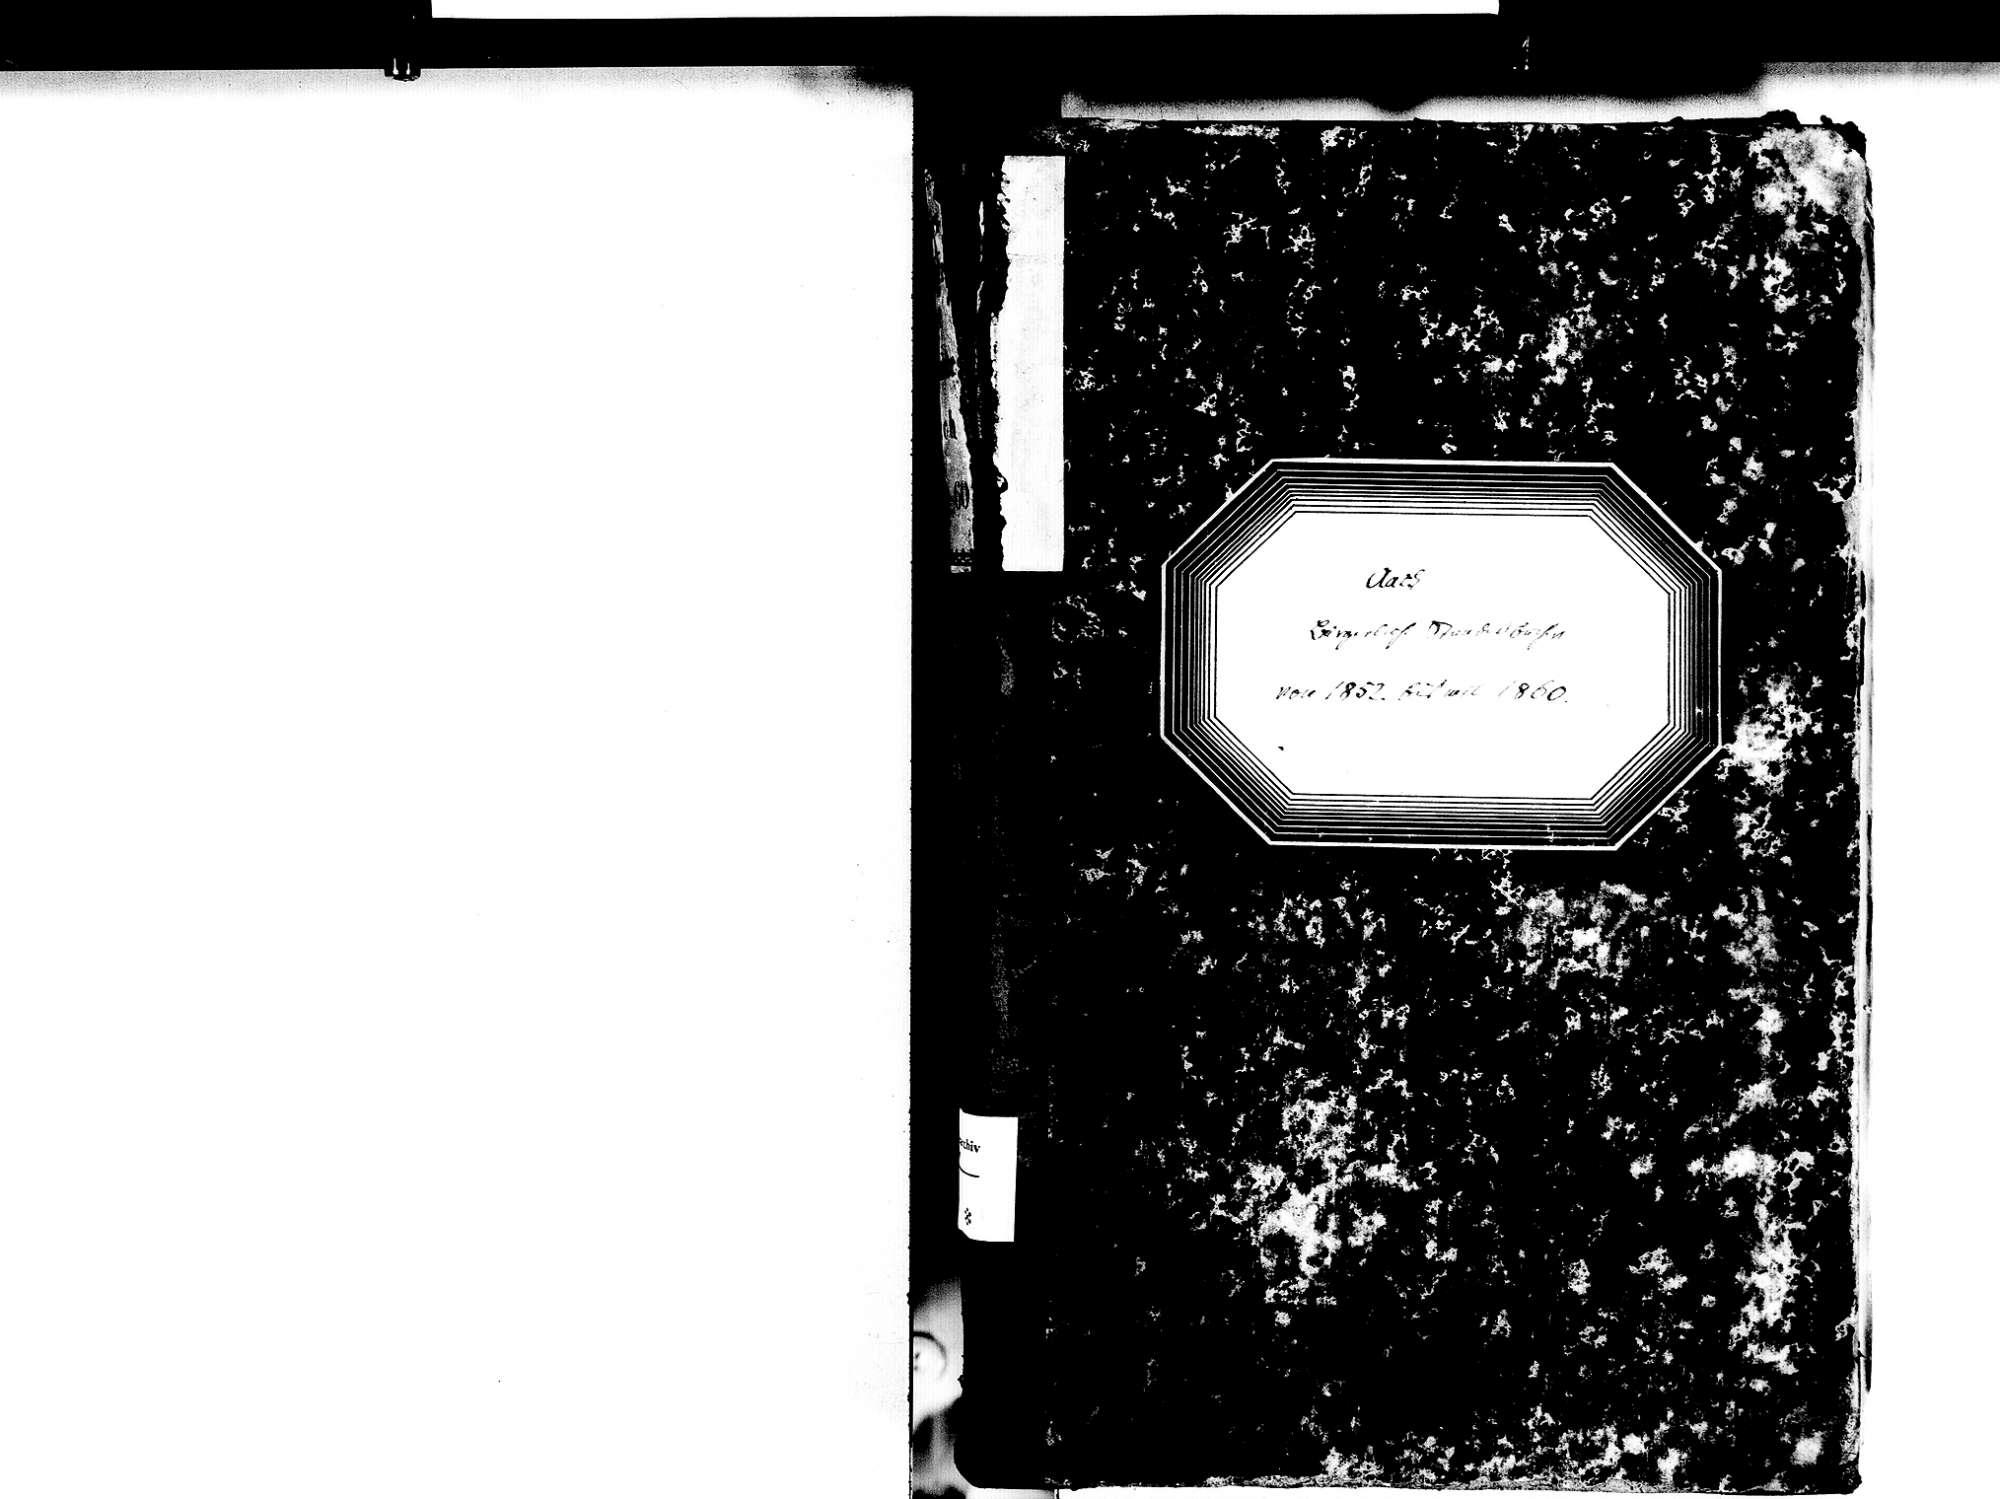 Aach KN; Katholische Gemeinde: Standesbuch 1852-1860, Bild 2